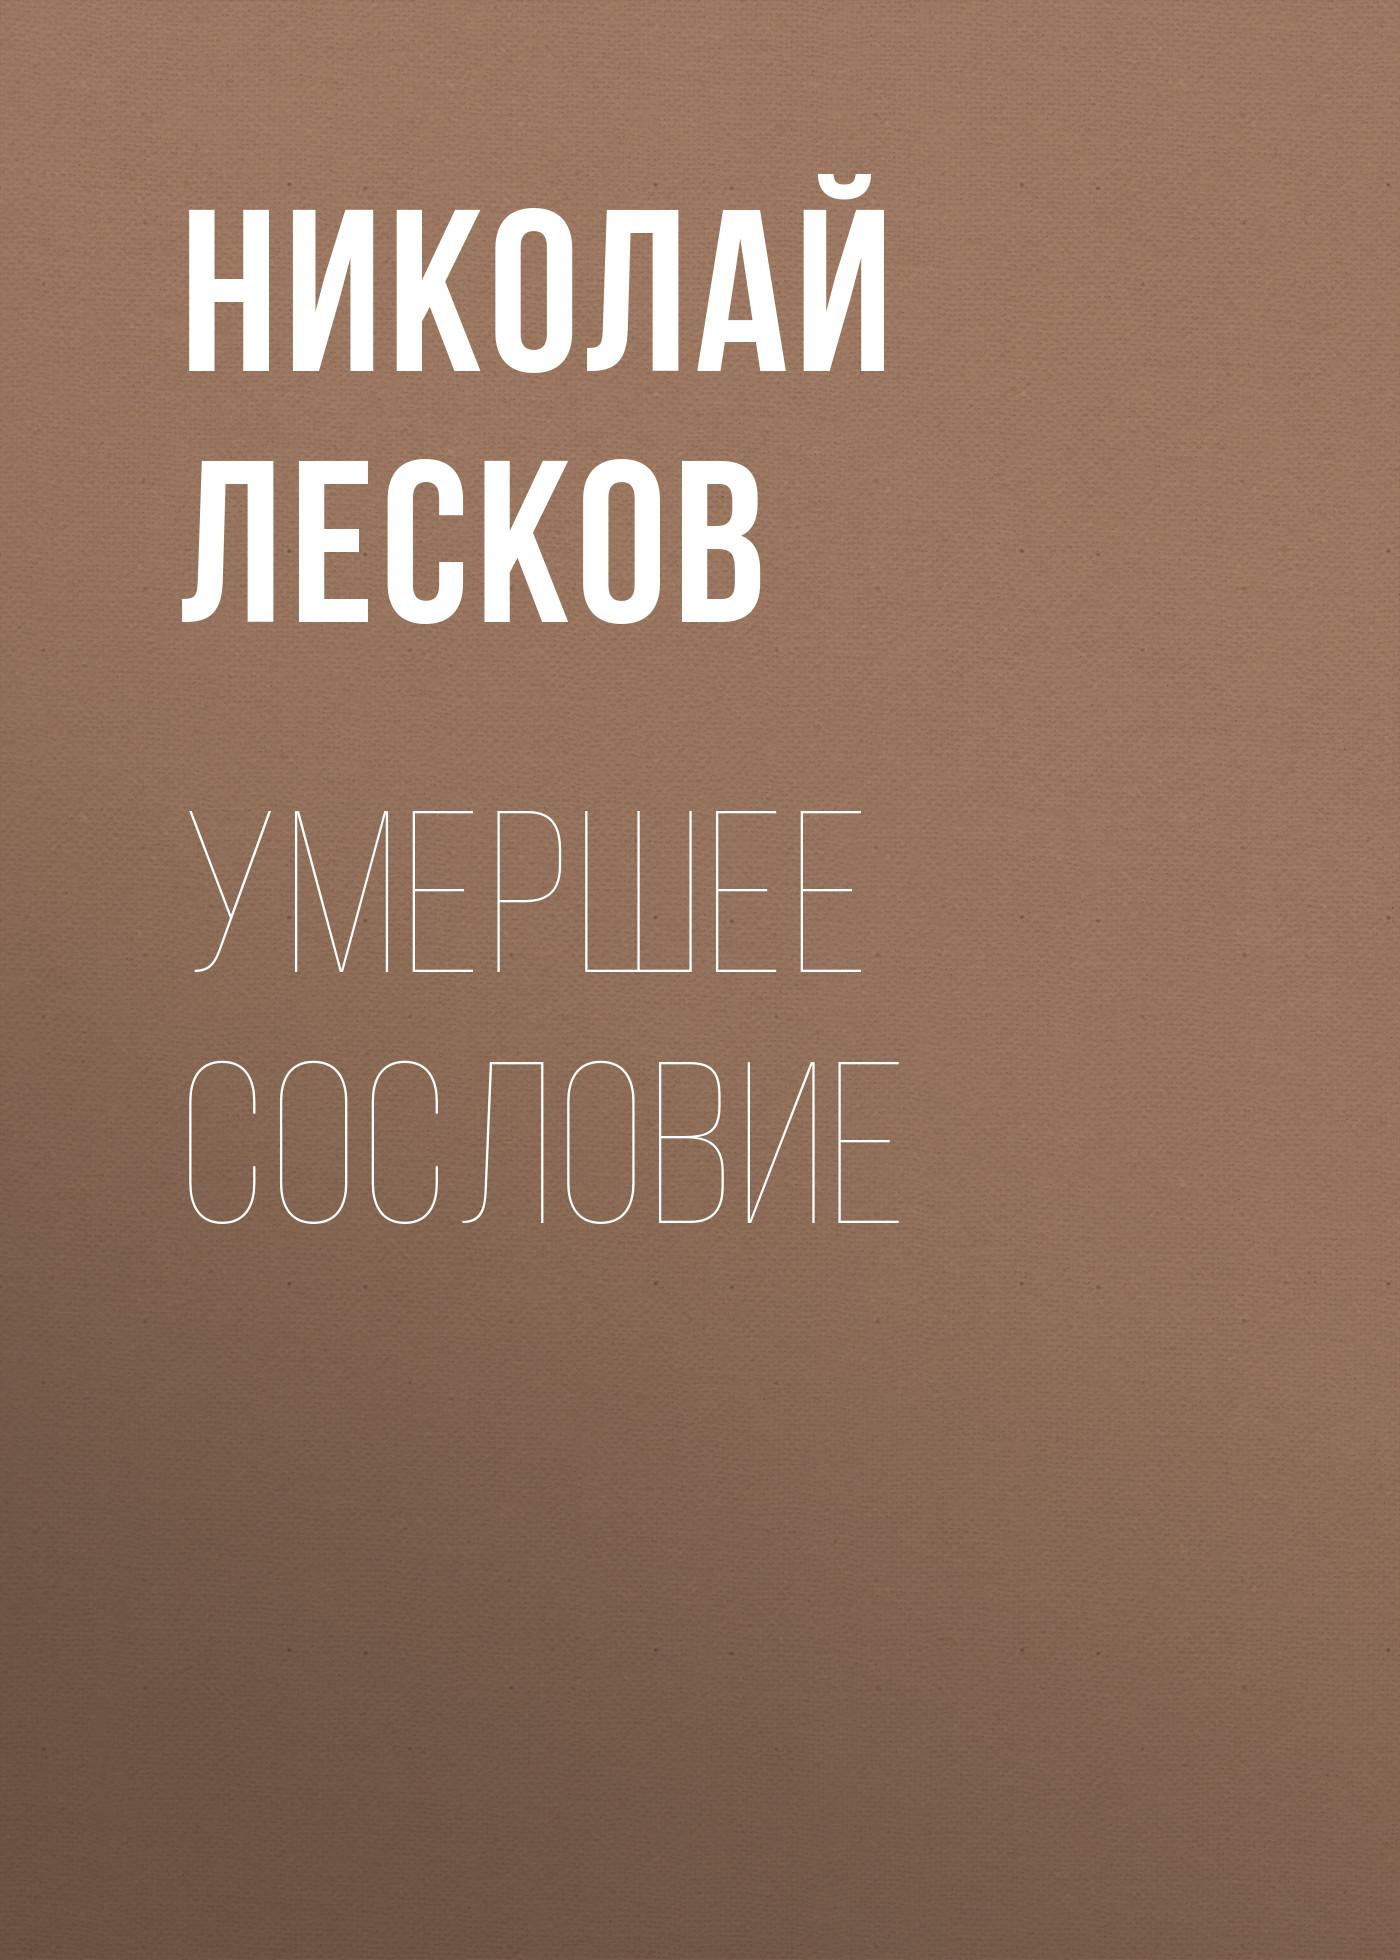 Купить книгу Умершее сословие, автора Николая Лескова